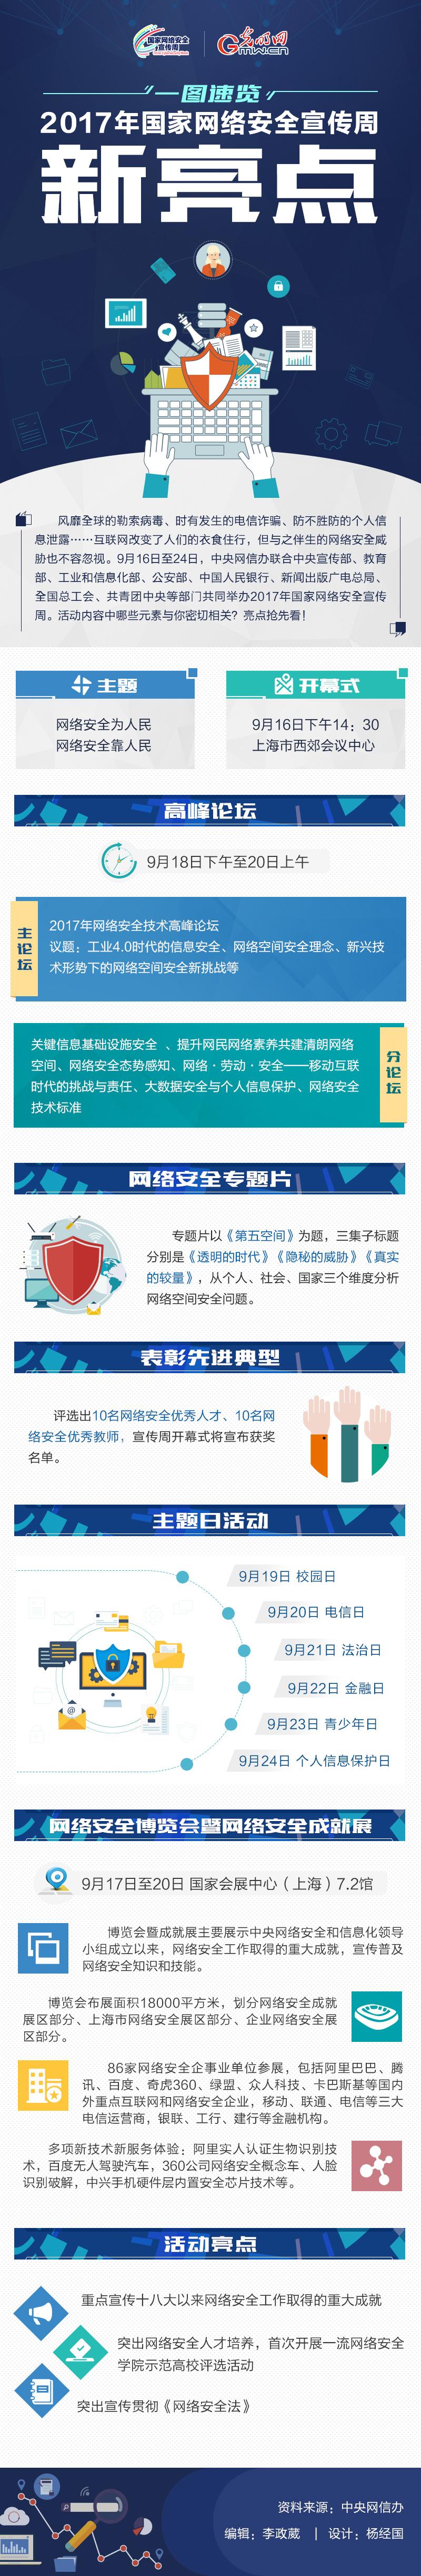 图解丨一图速览,2017年国家网络安全宣传周新亮点